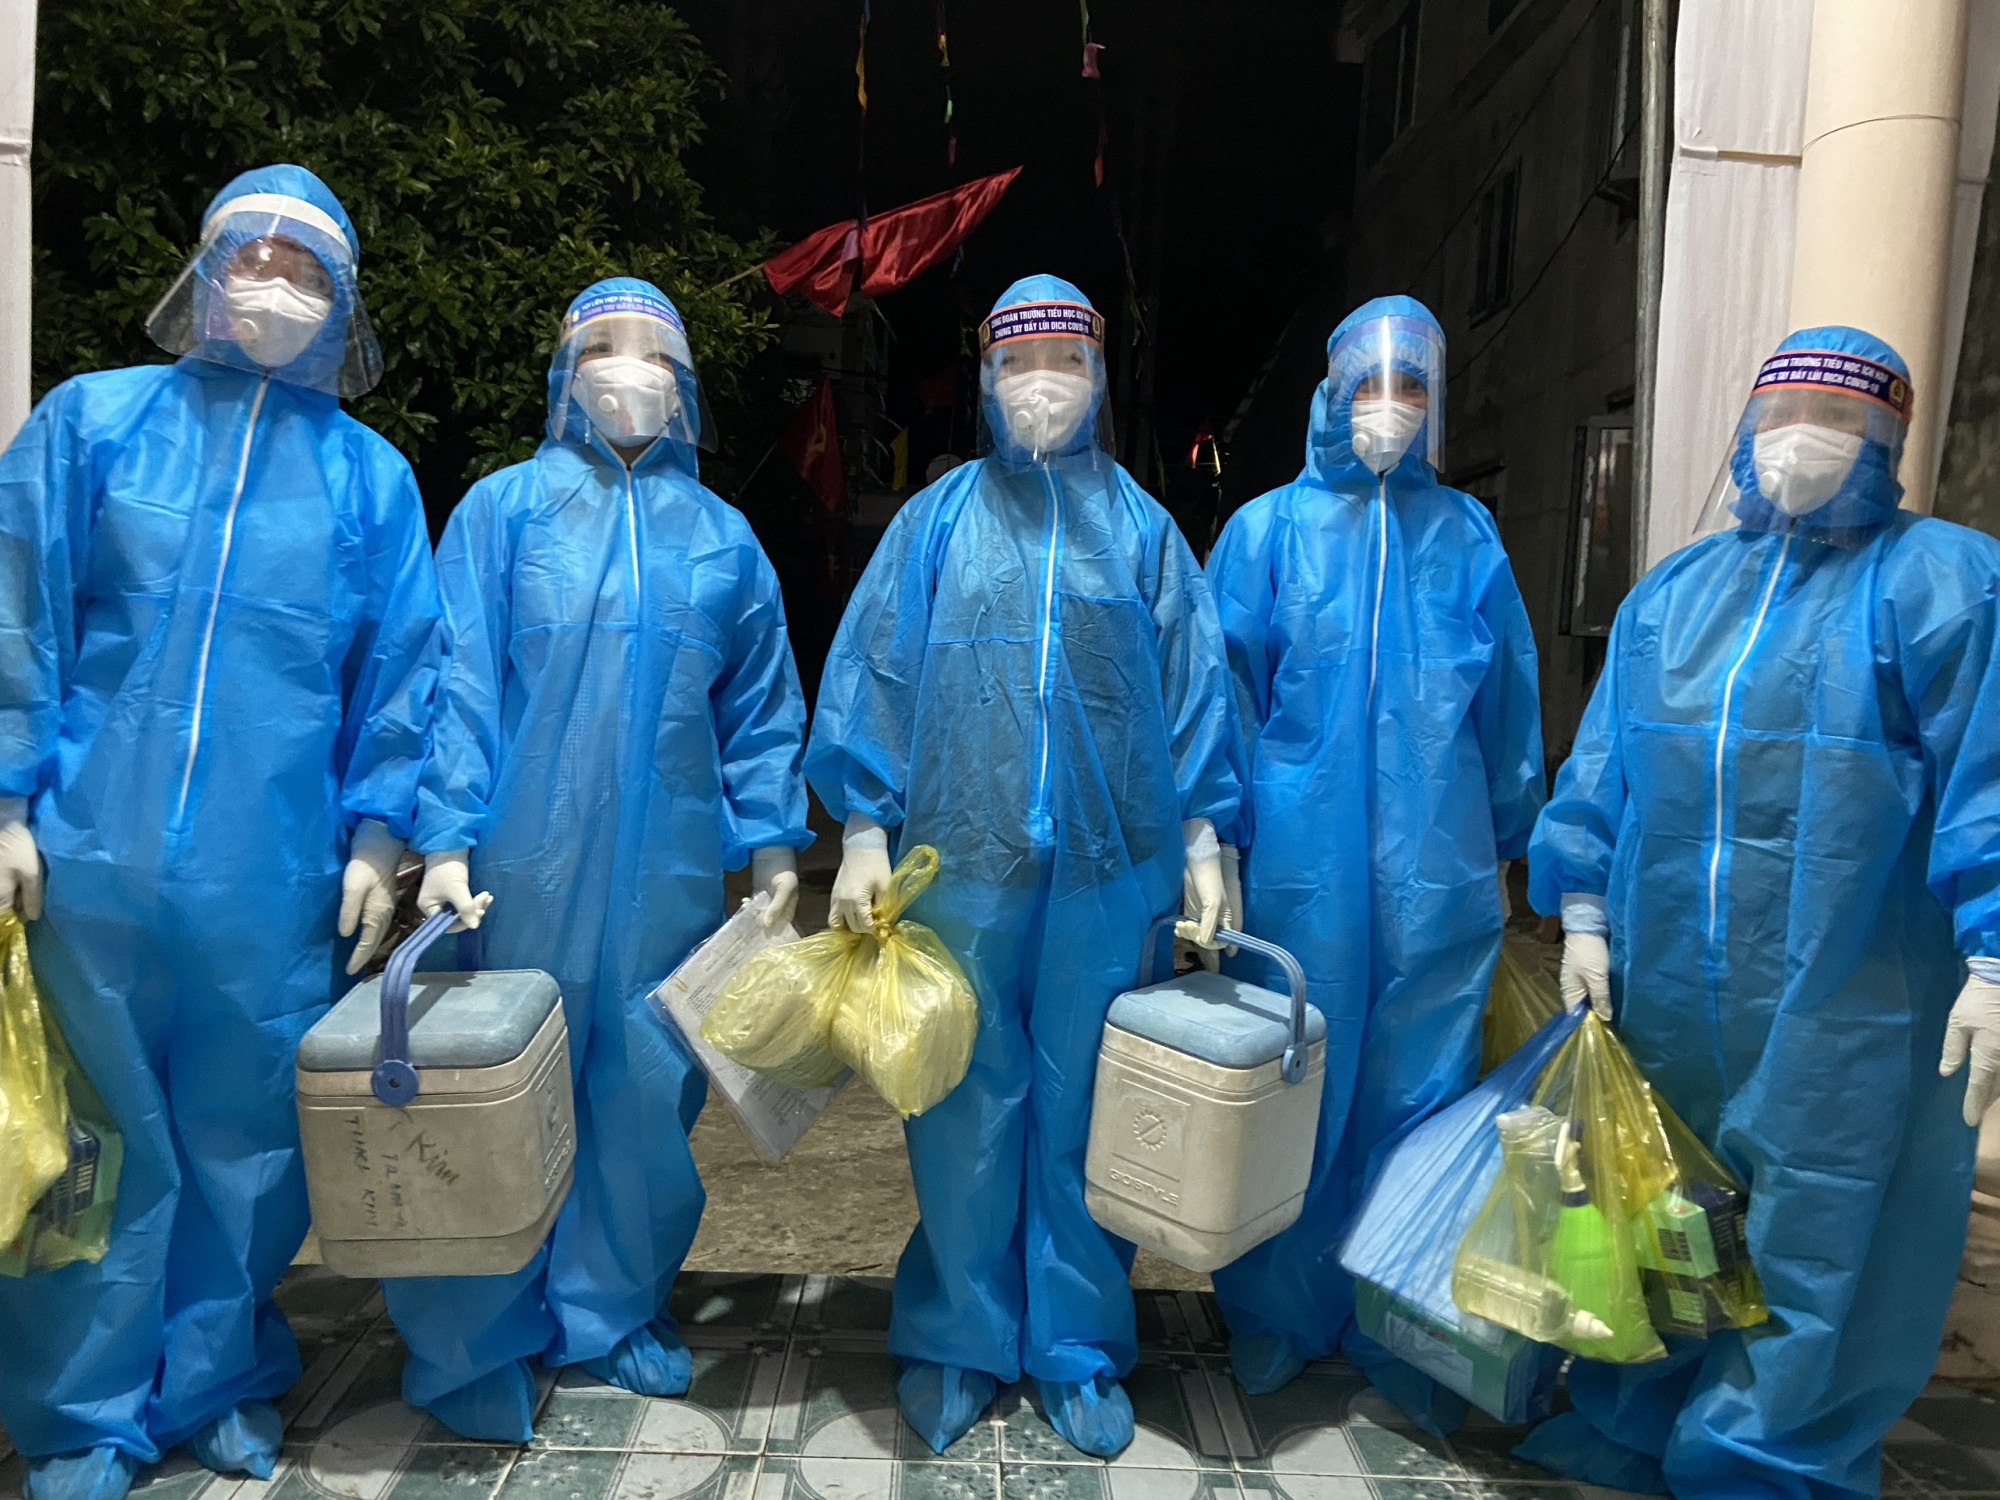 Hà Tĩnh ghi nhận thêm 11 trường hợp dương tính SARS-CoV-2 - Ảnh 1